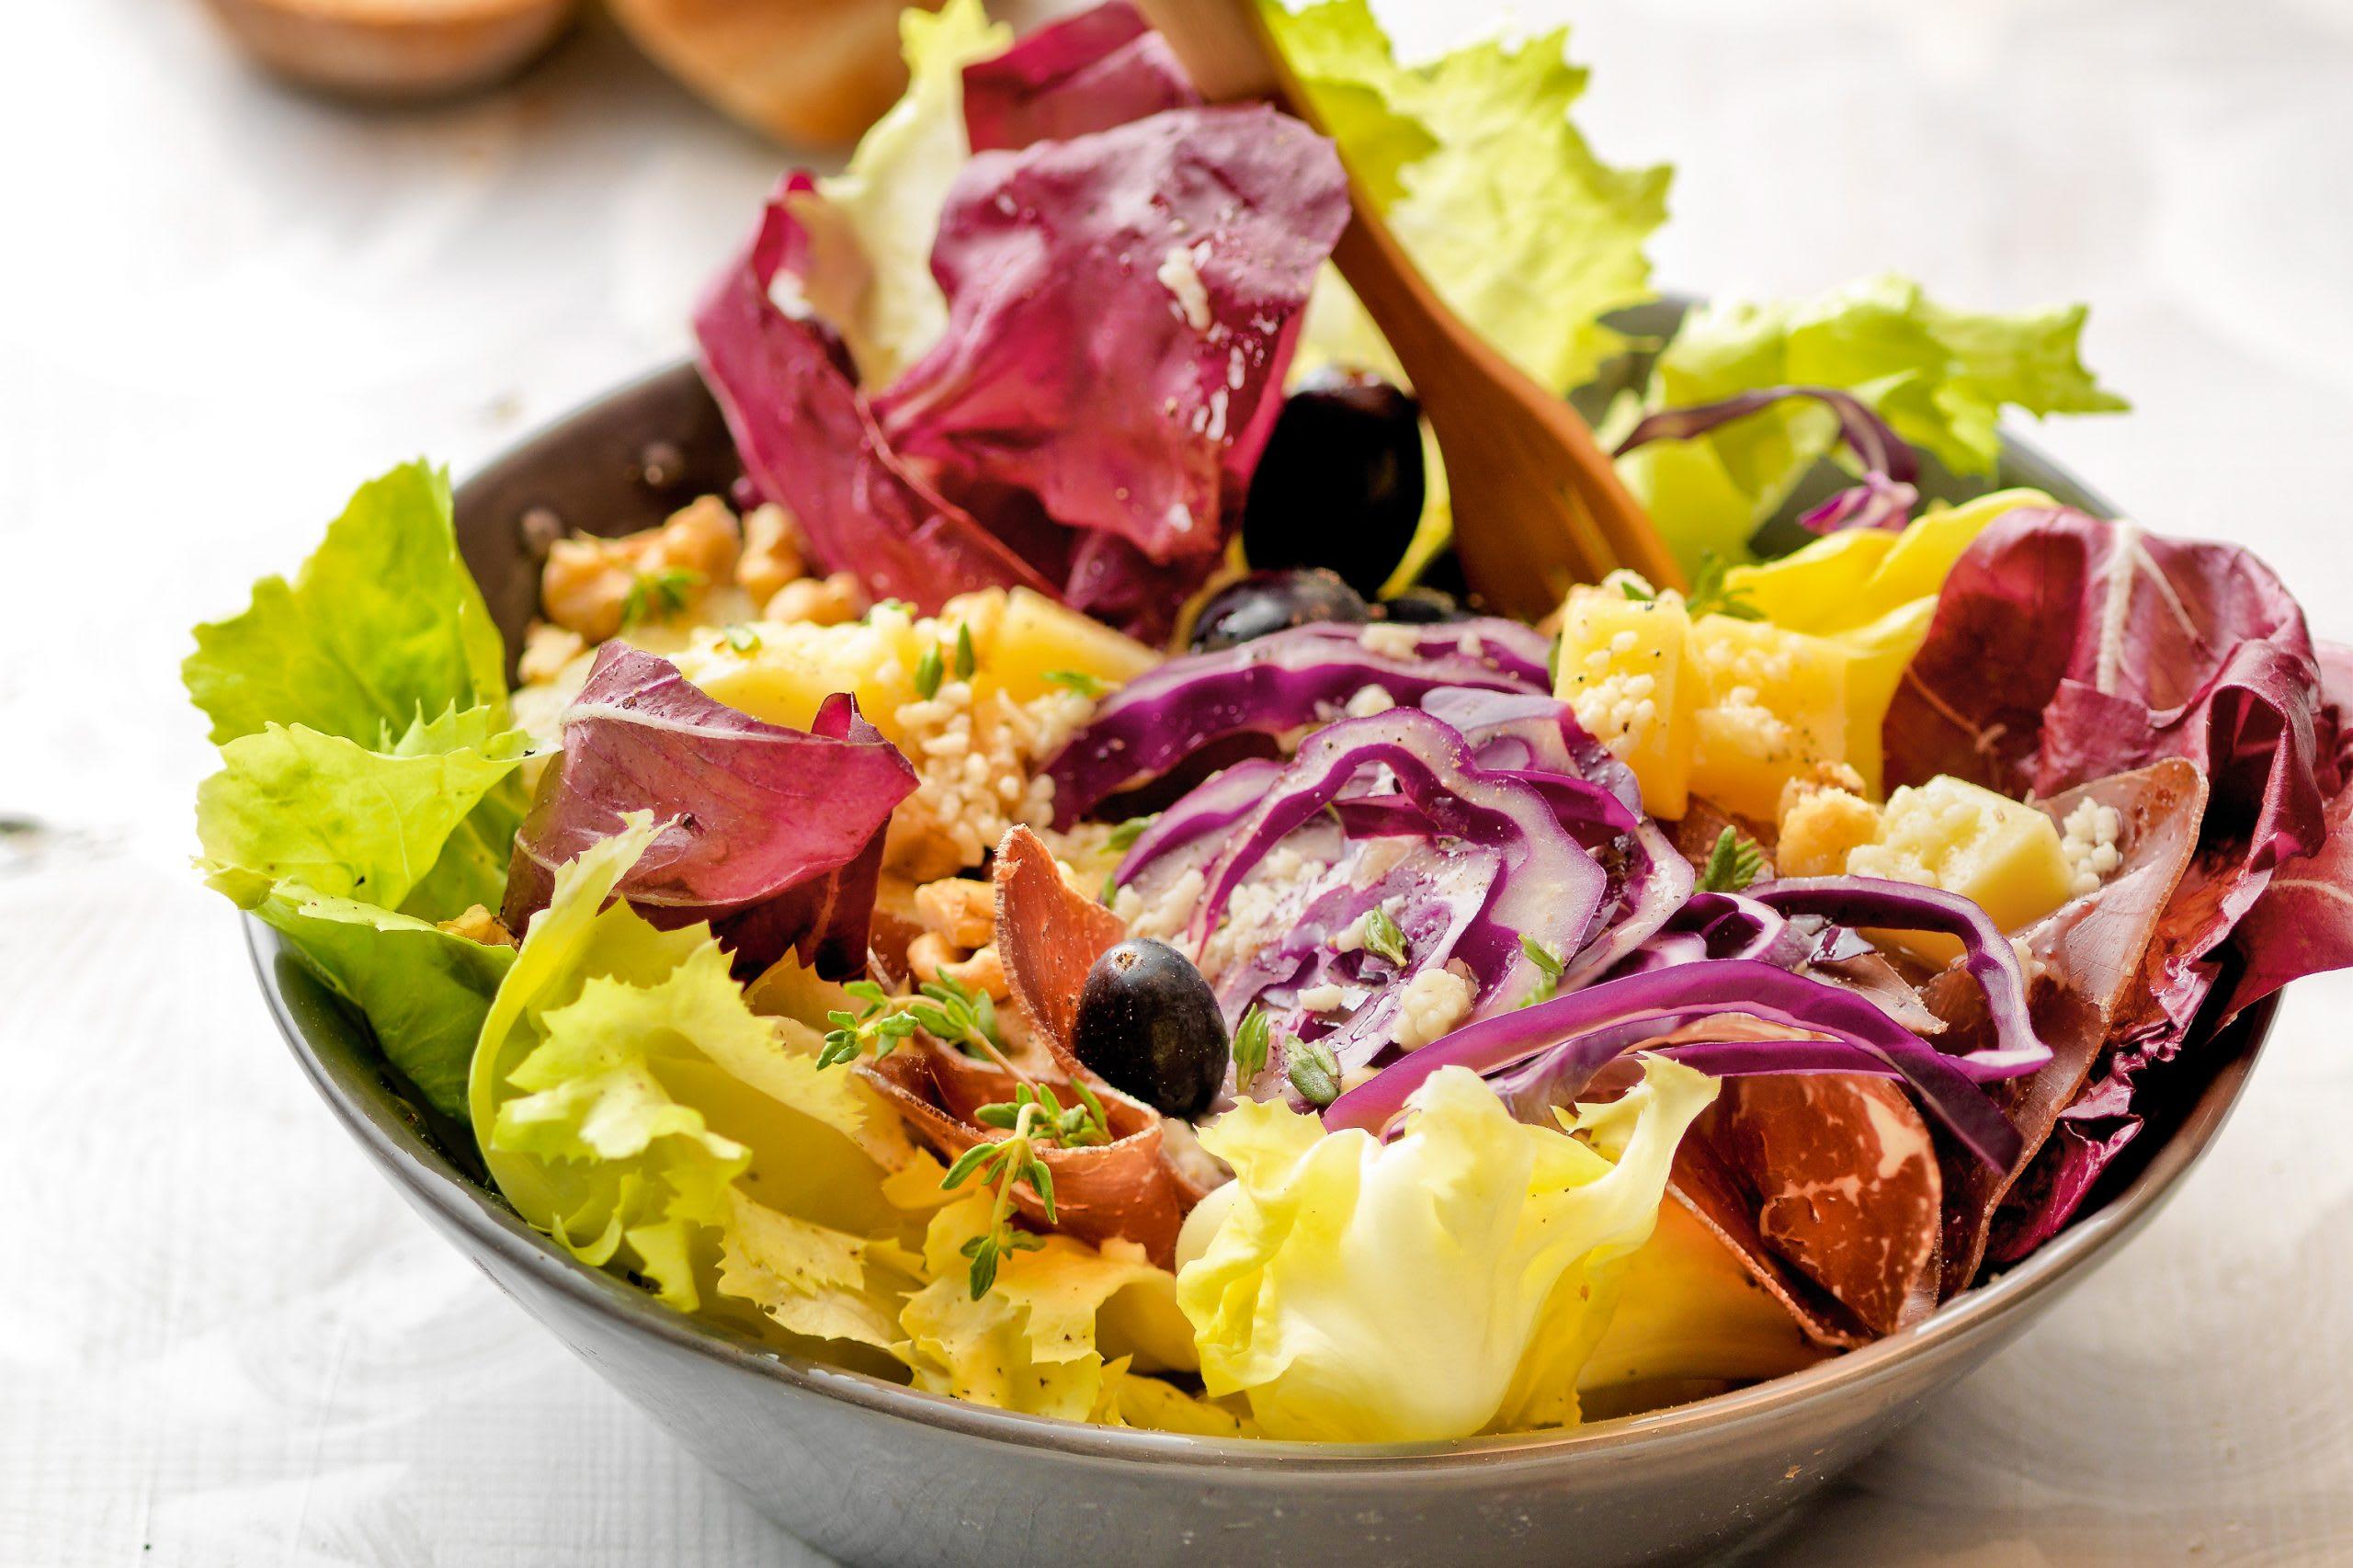 Salade d'automne aux pommes de terre, aux raisins et au fromage